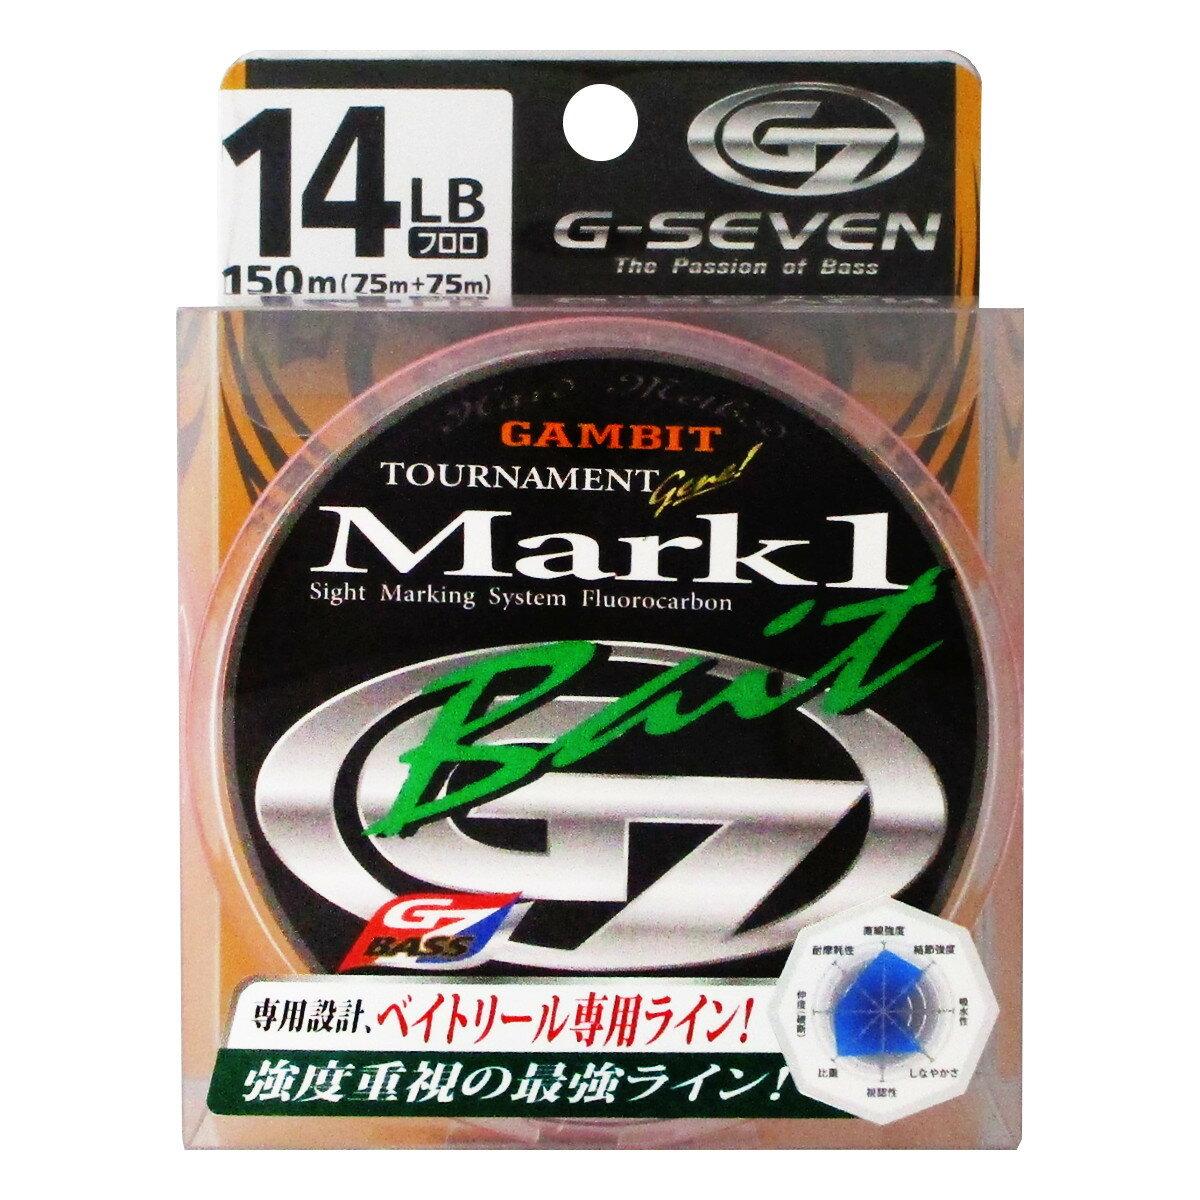 ラインシステム G7 トーナメントジーン MARK1 ベイト G3114C 150m 14lb(東日本店)